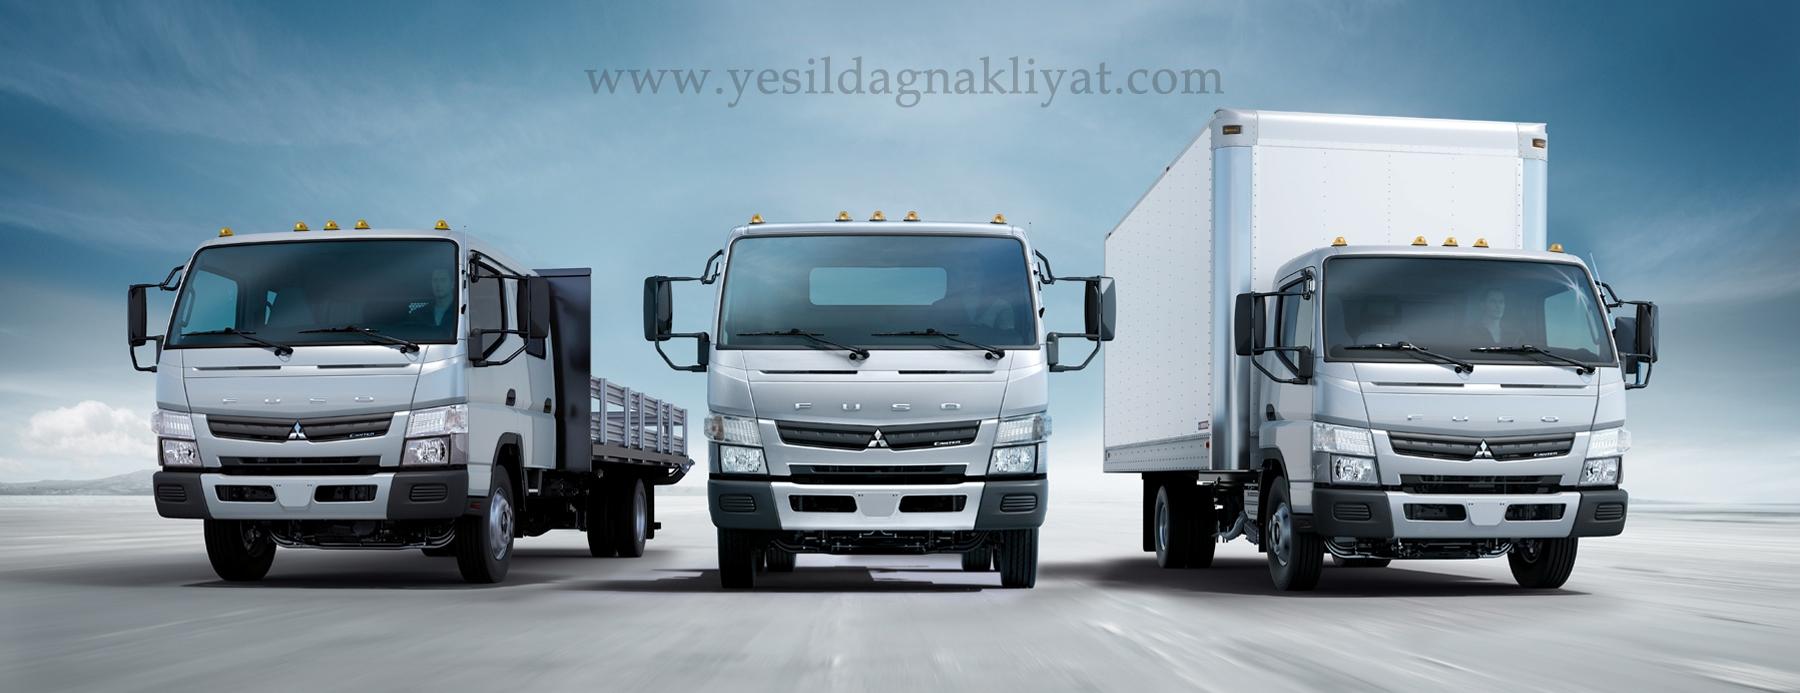 İstanbul Şehir İçi Nakliyat Araçları, İkitelli Nakliye Aracı, İkitelli Şehir İçi Taşıma Kamyon ve Kamyonet